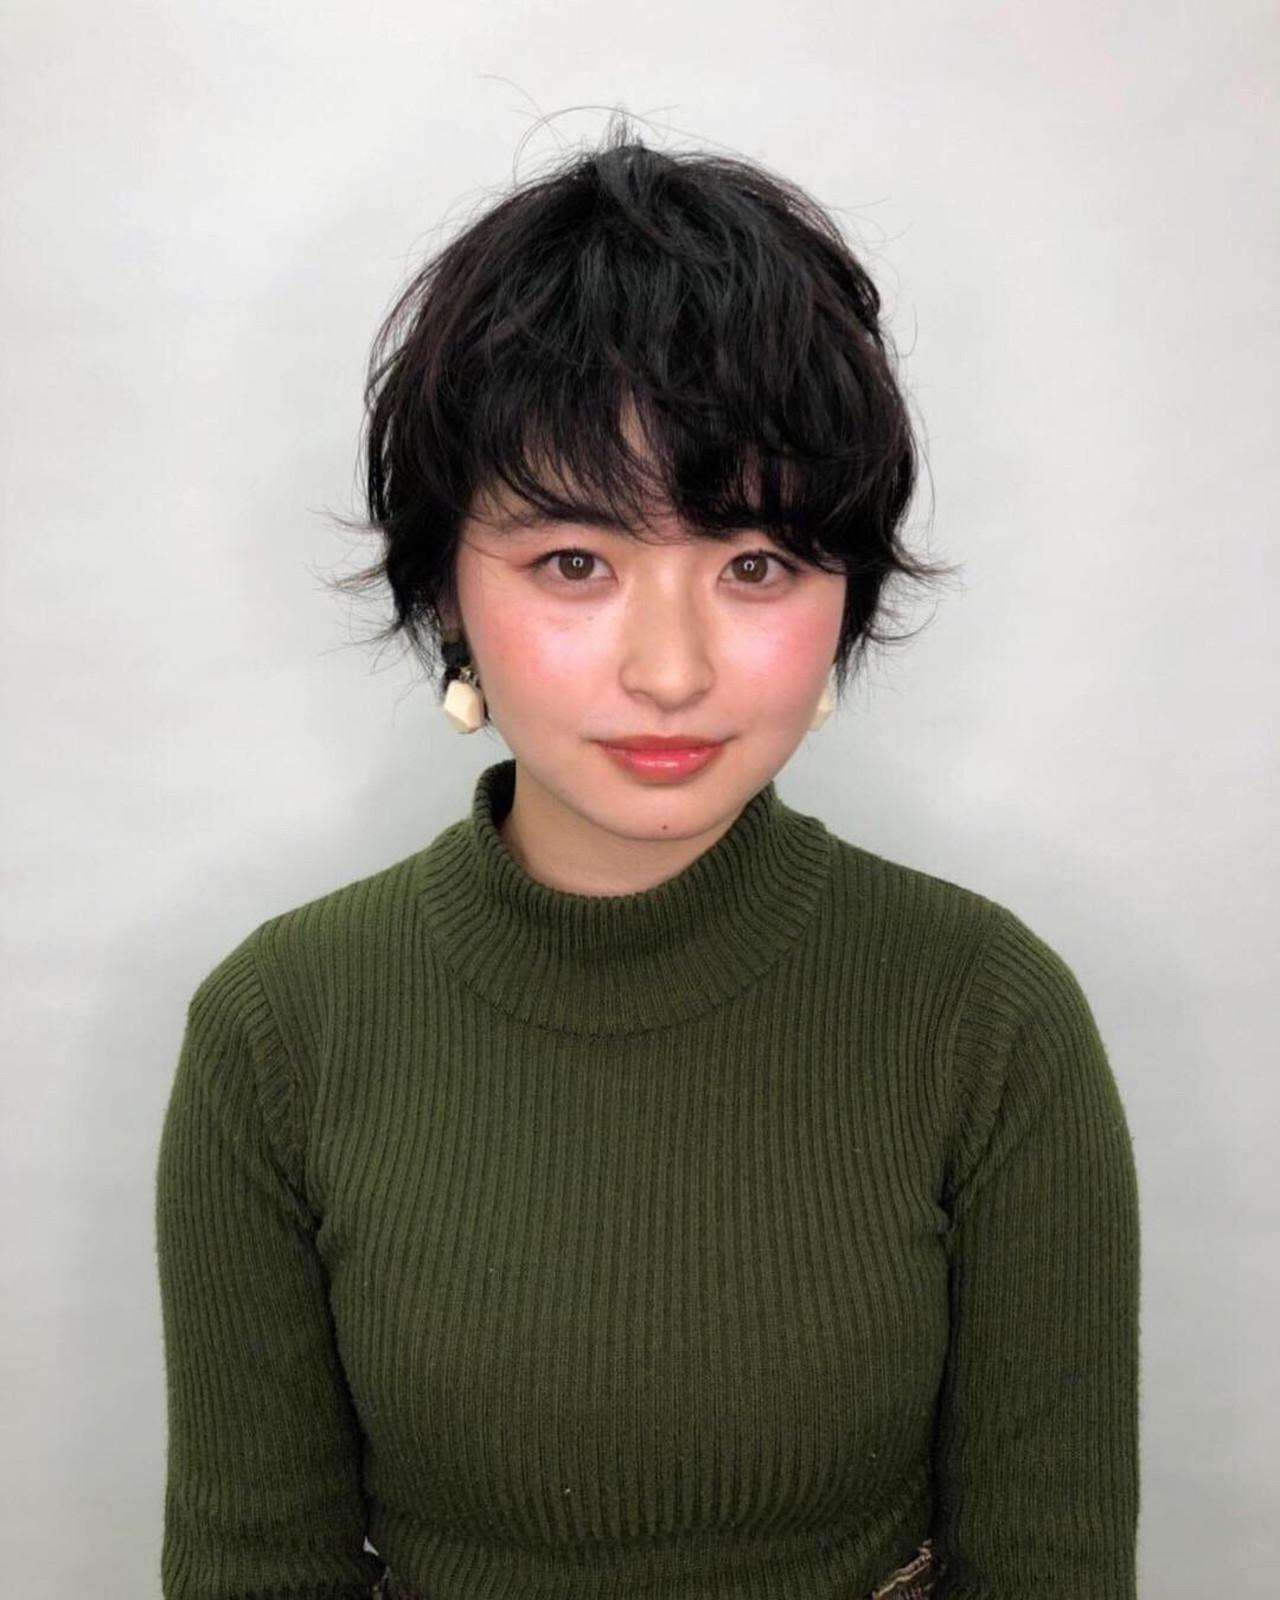 ボーイッシュ 丸顔 ヘアアレンジ ショート ヘアスタイルや髪型の写真・画像